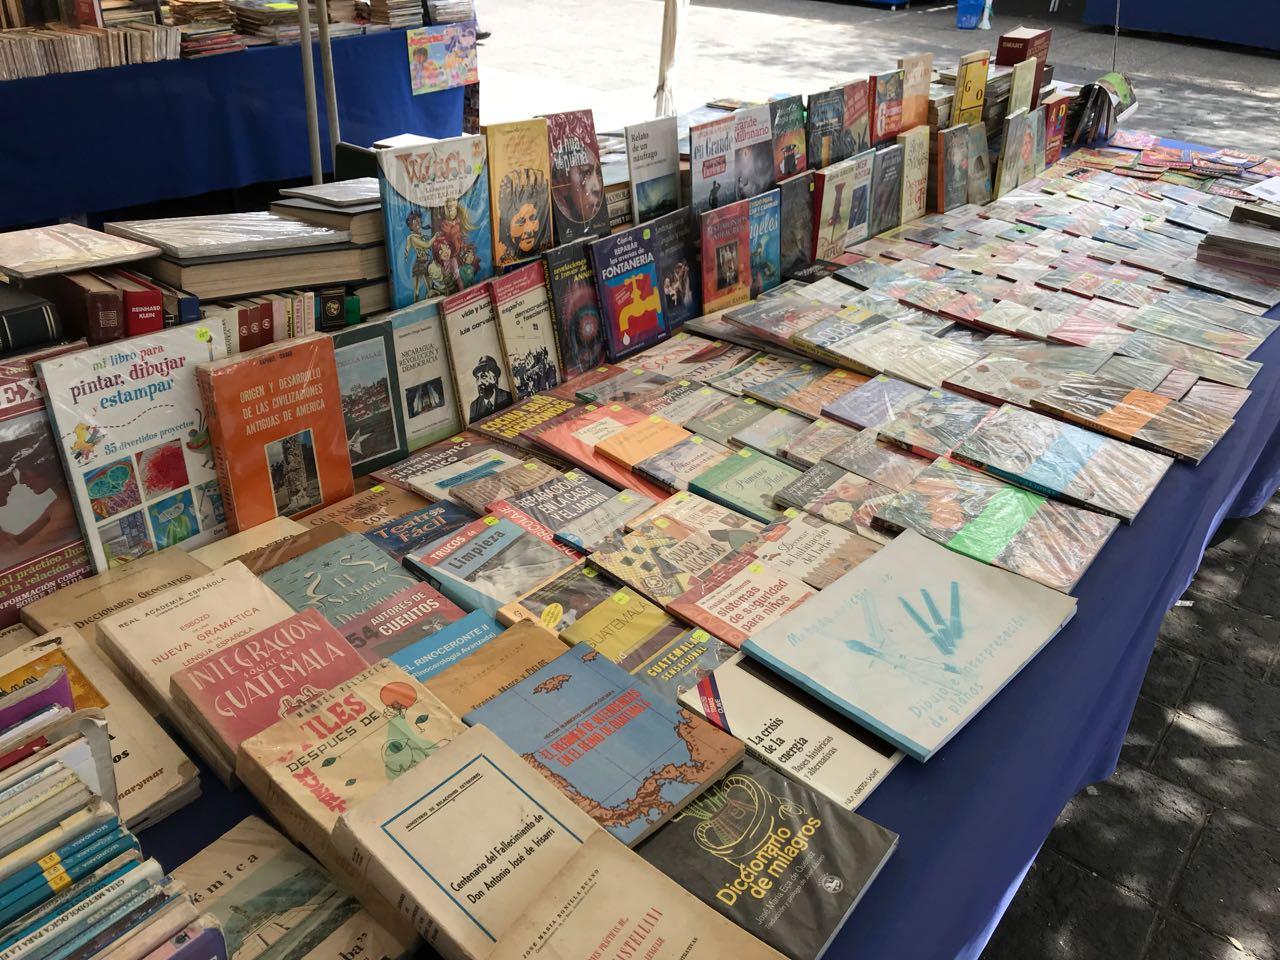 Libro de Miguel Ángel Asturias el más buscado en la Feria de Libro